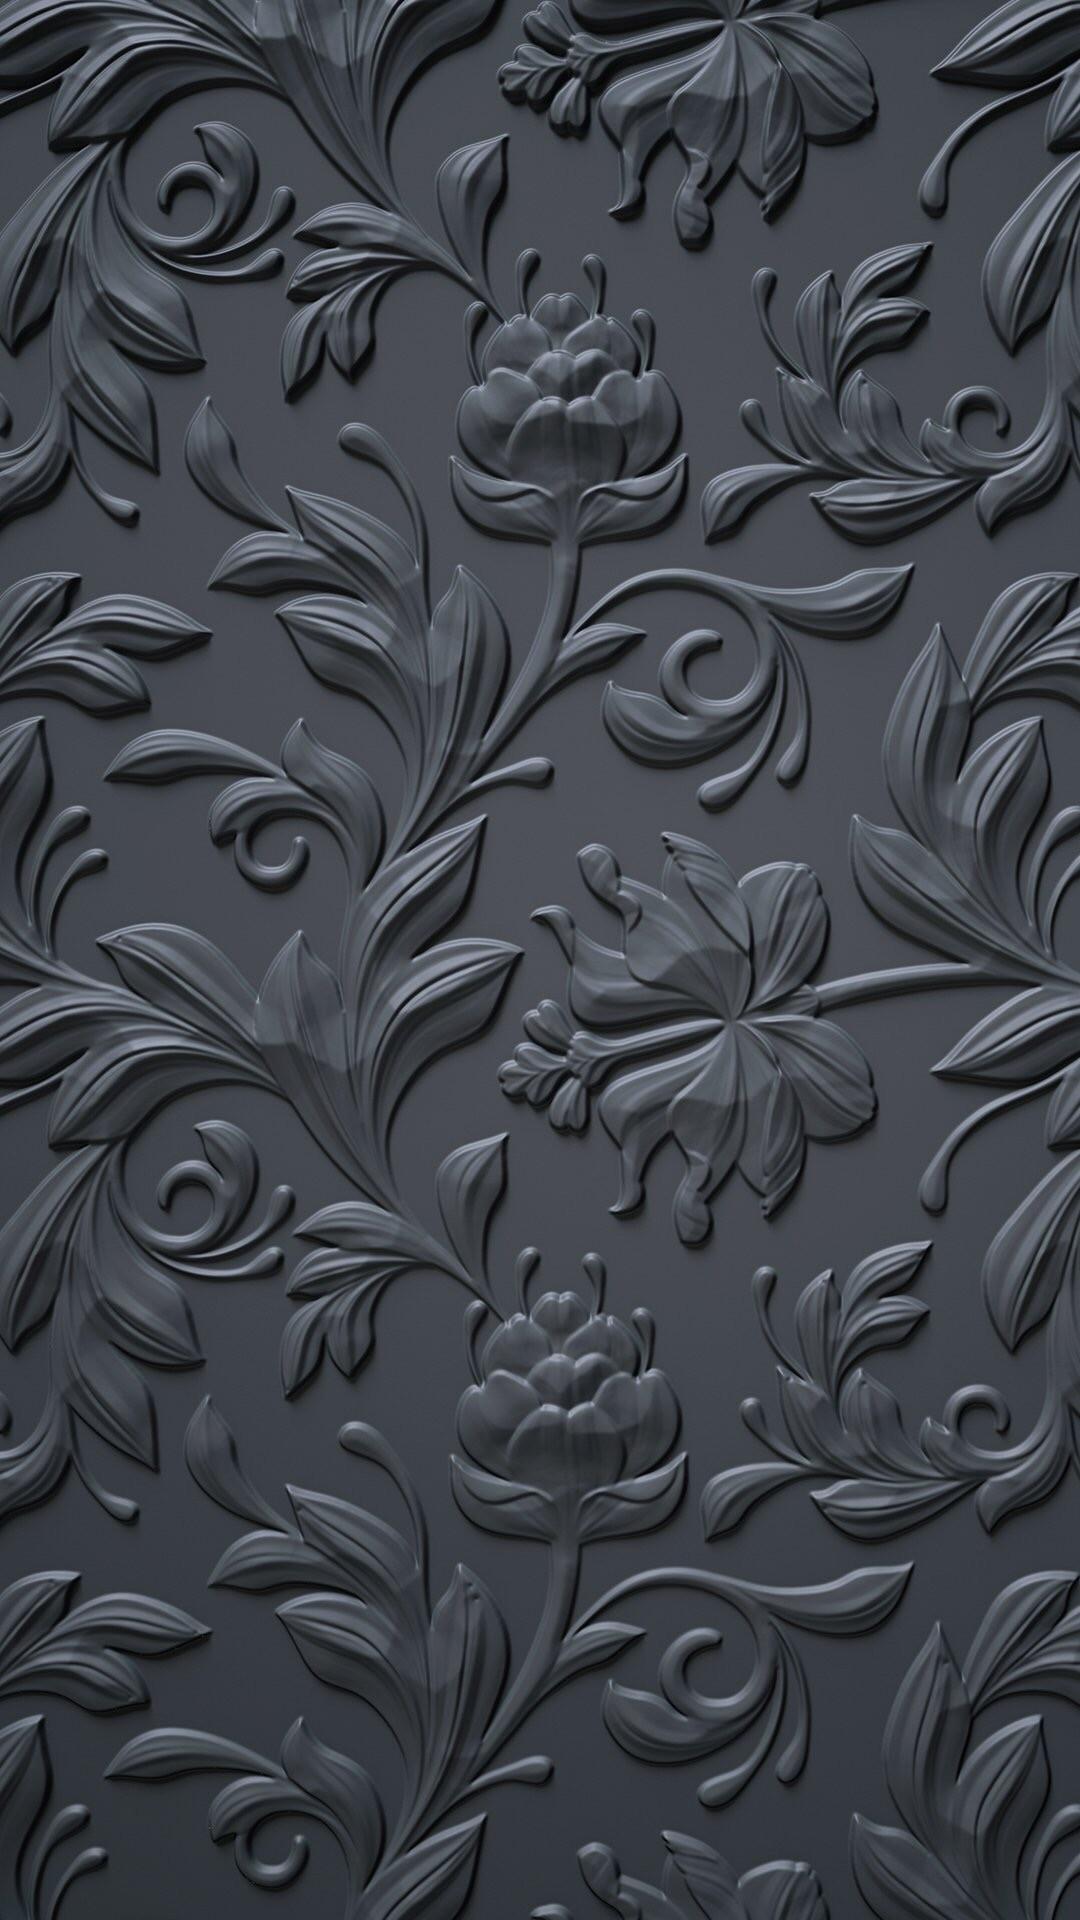 Explore Calendar Wallpaper, Black Wallpaper, and more!